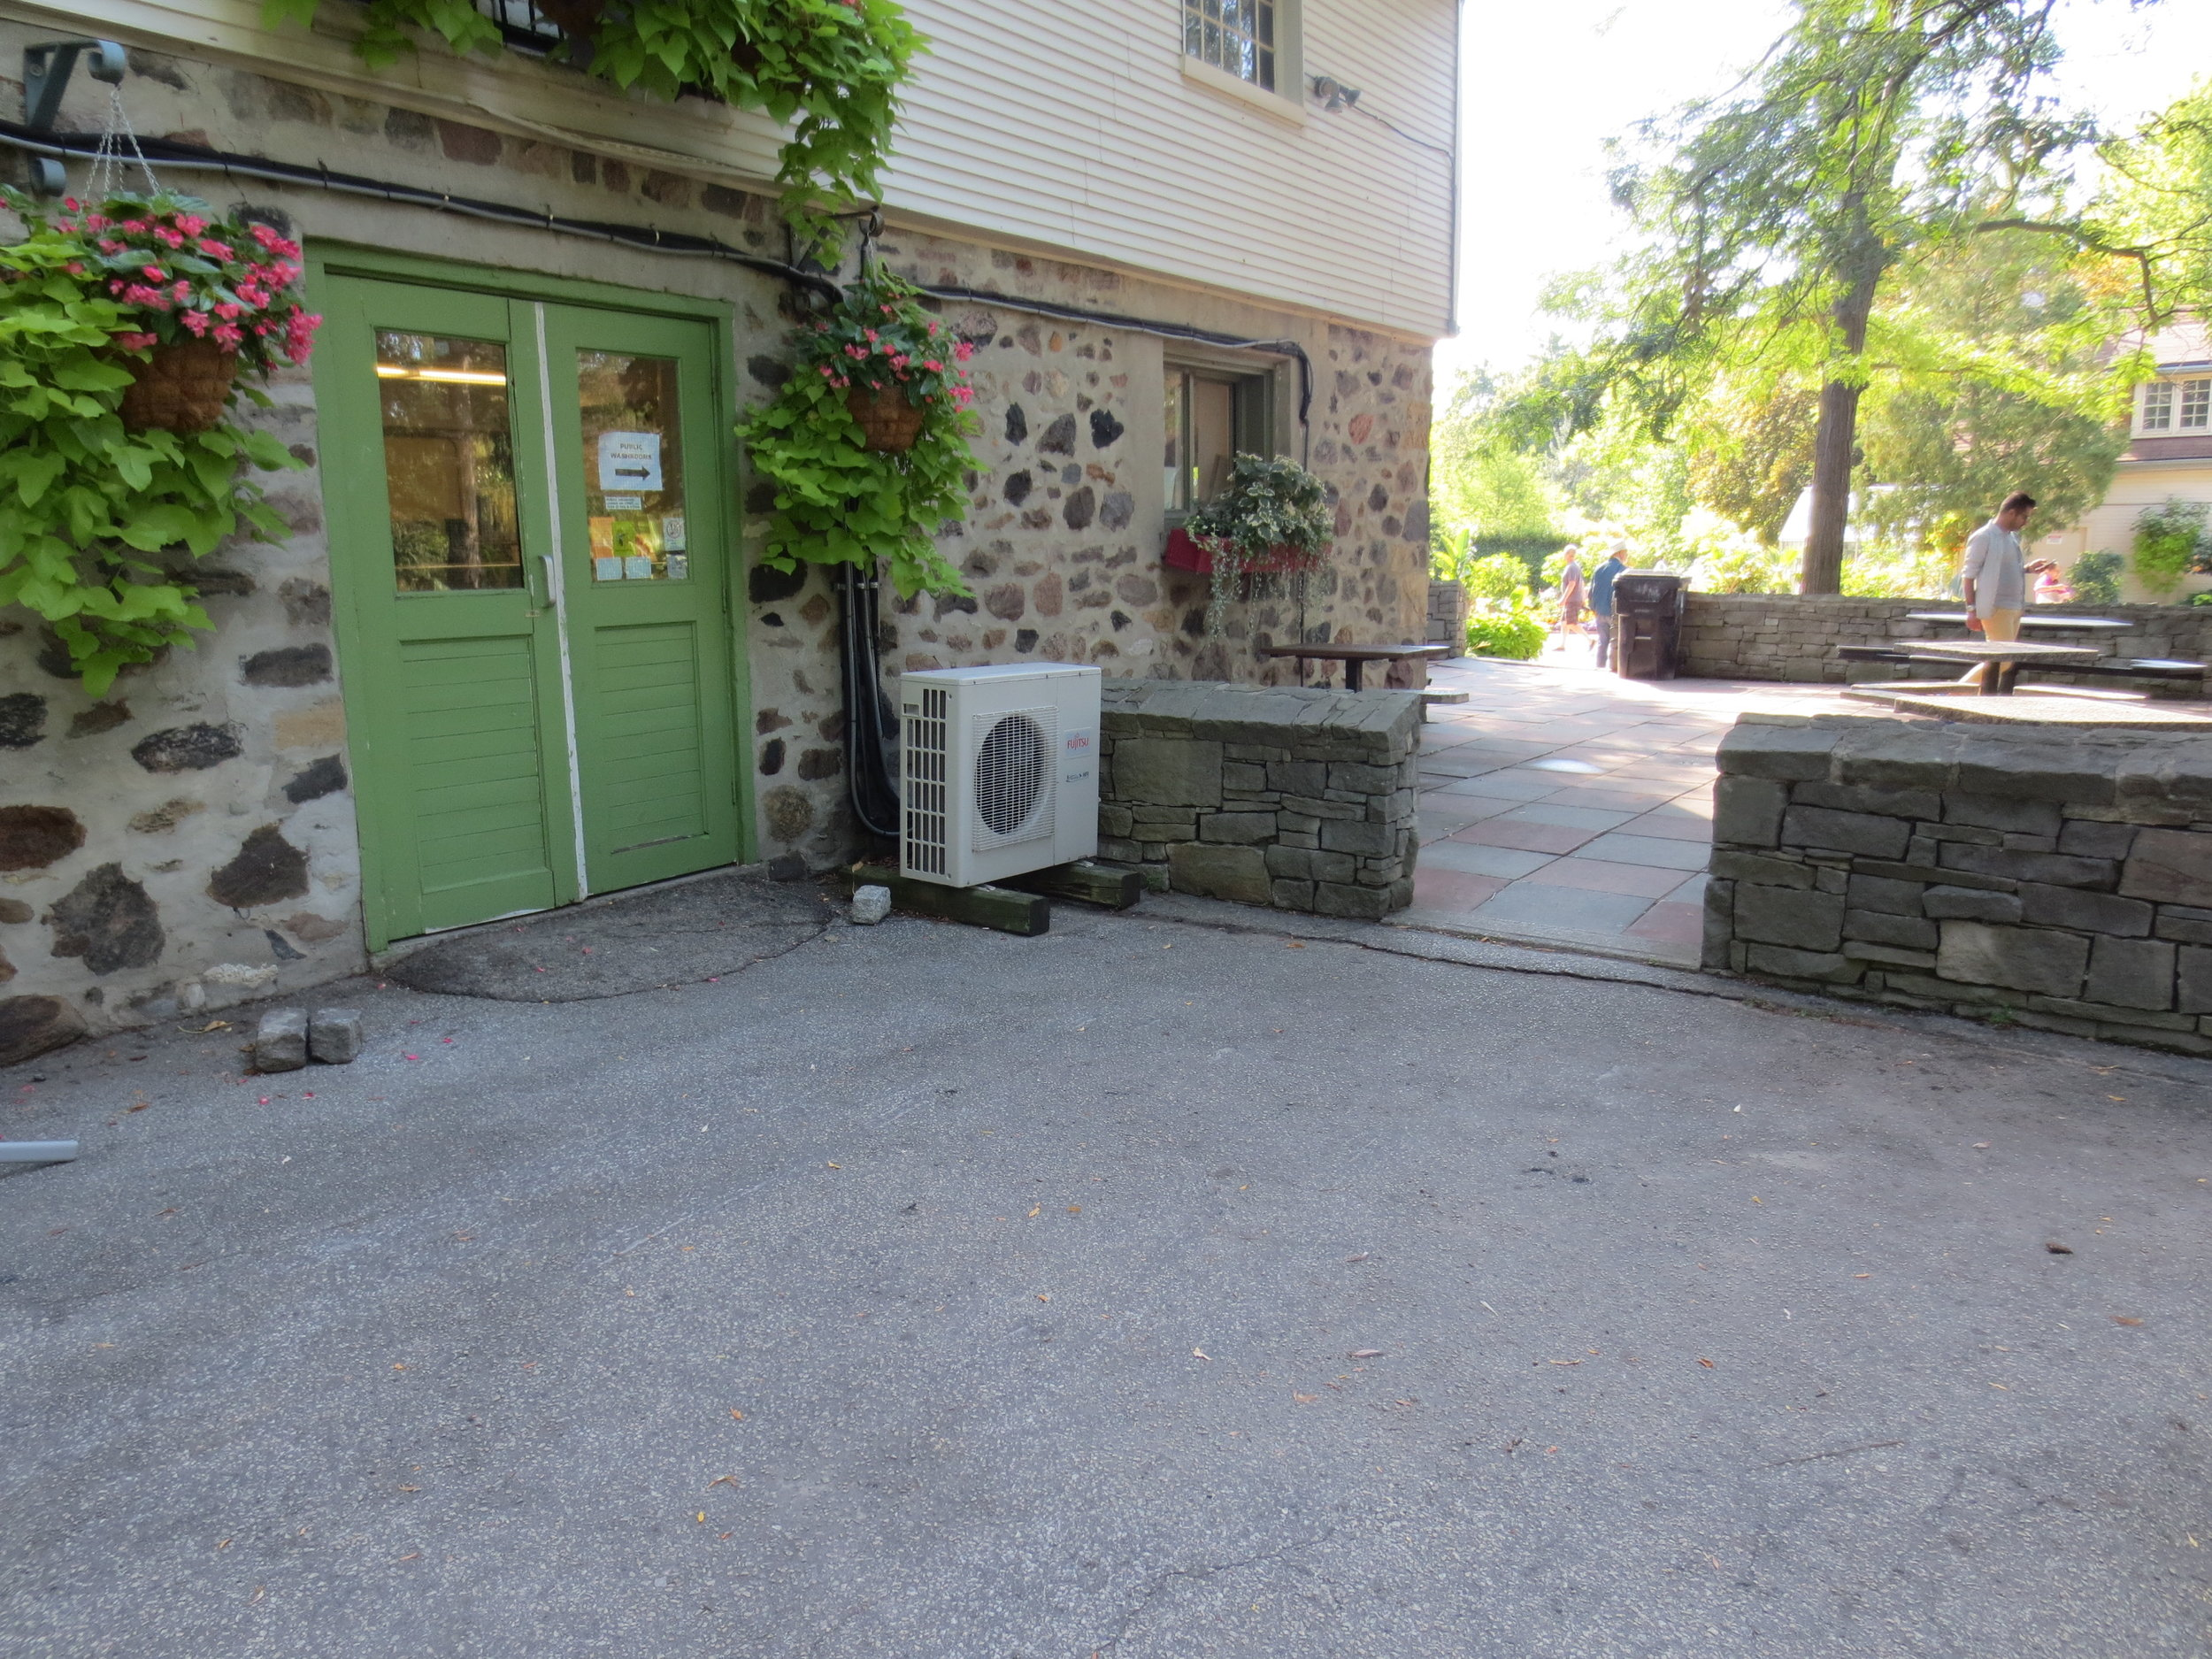 Garden cafe entrance